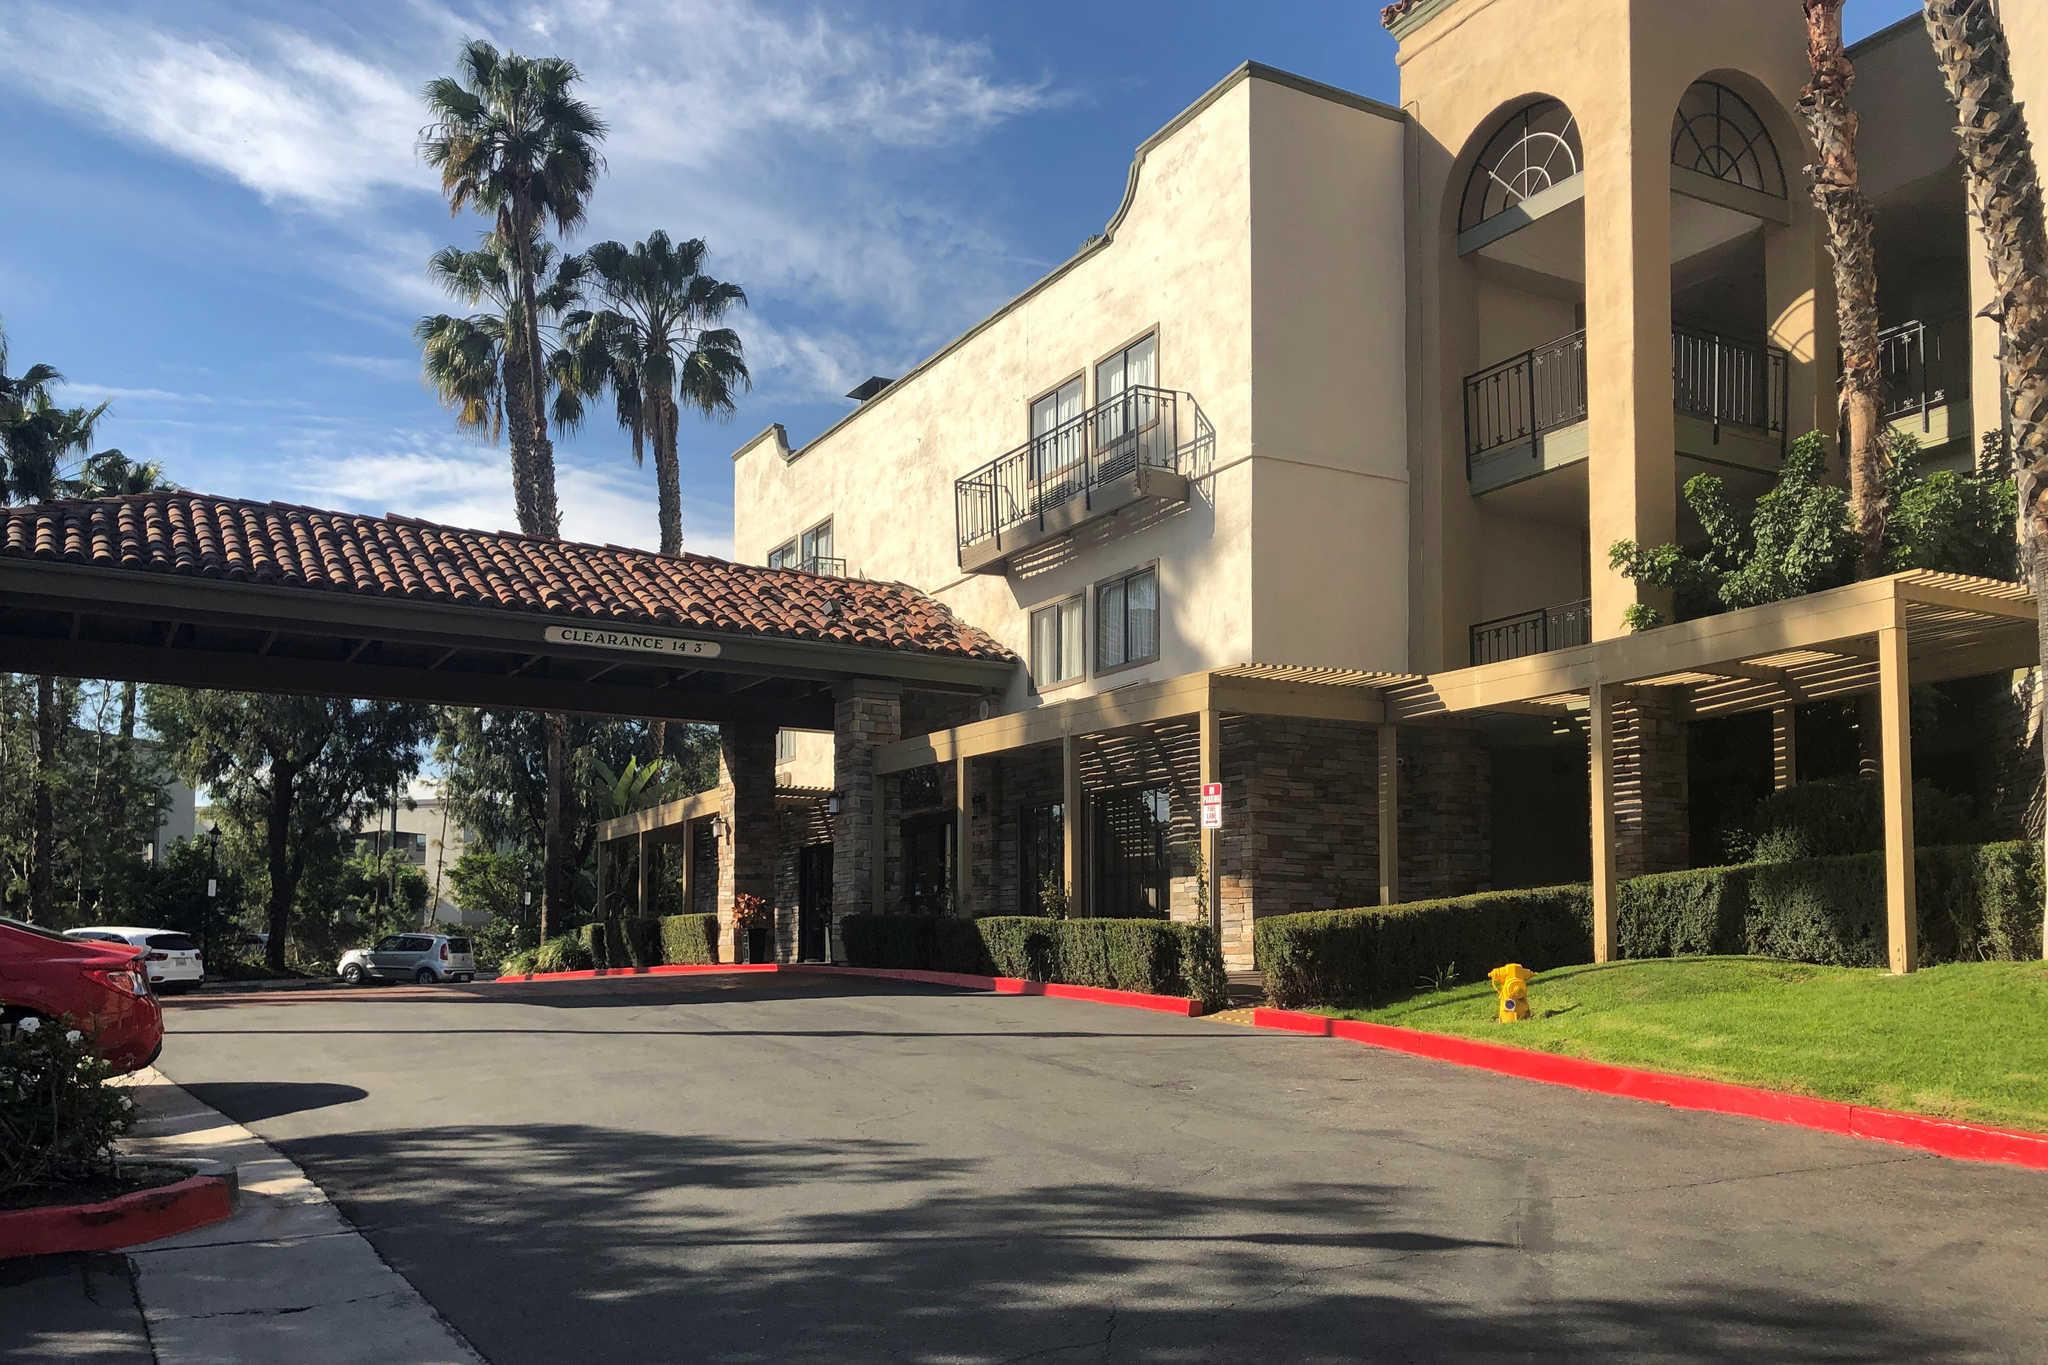 Comfort Inn & Suites Orange County John Wayne Airport image 1